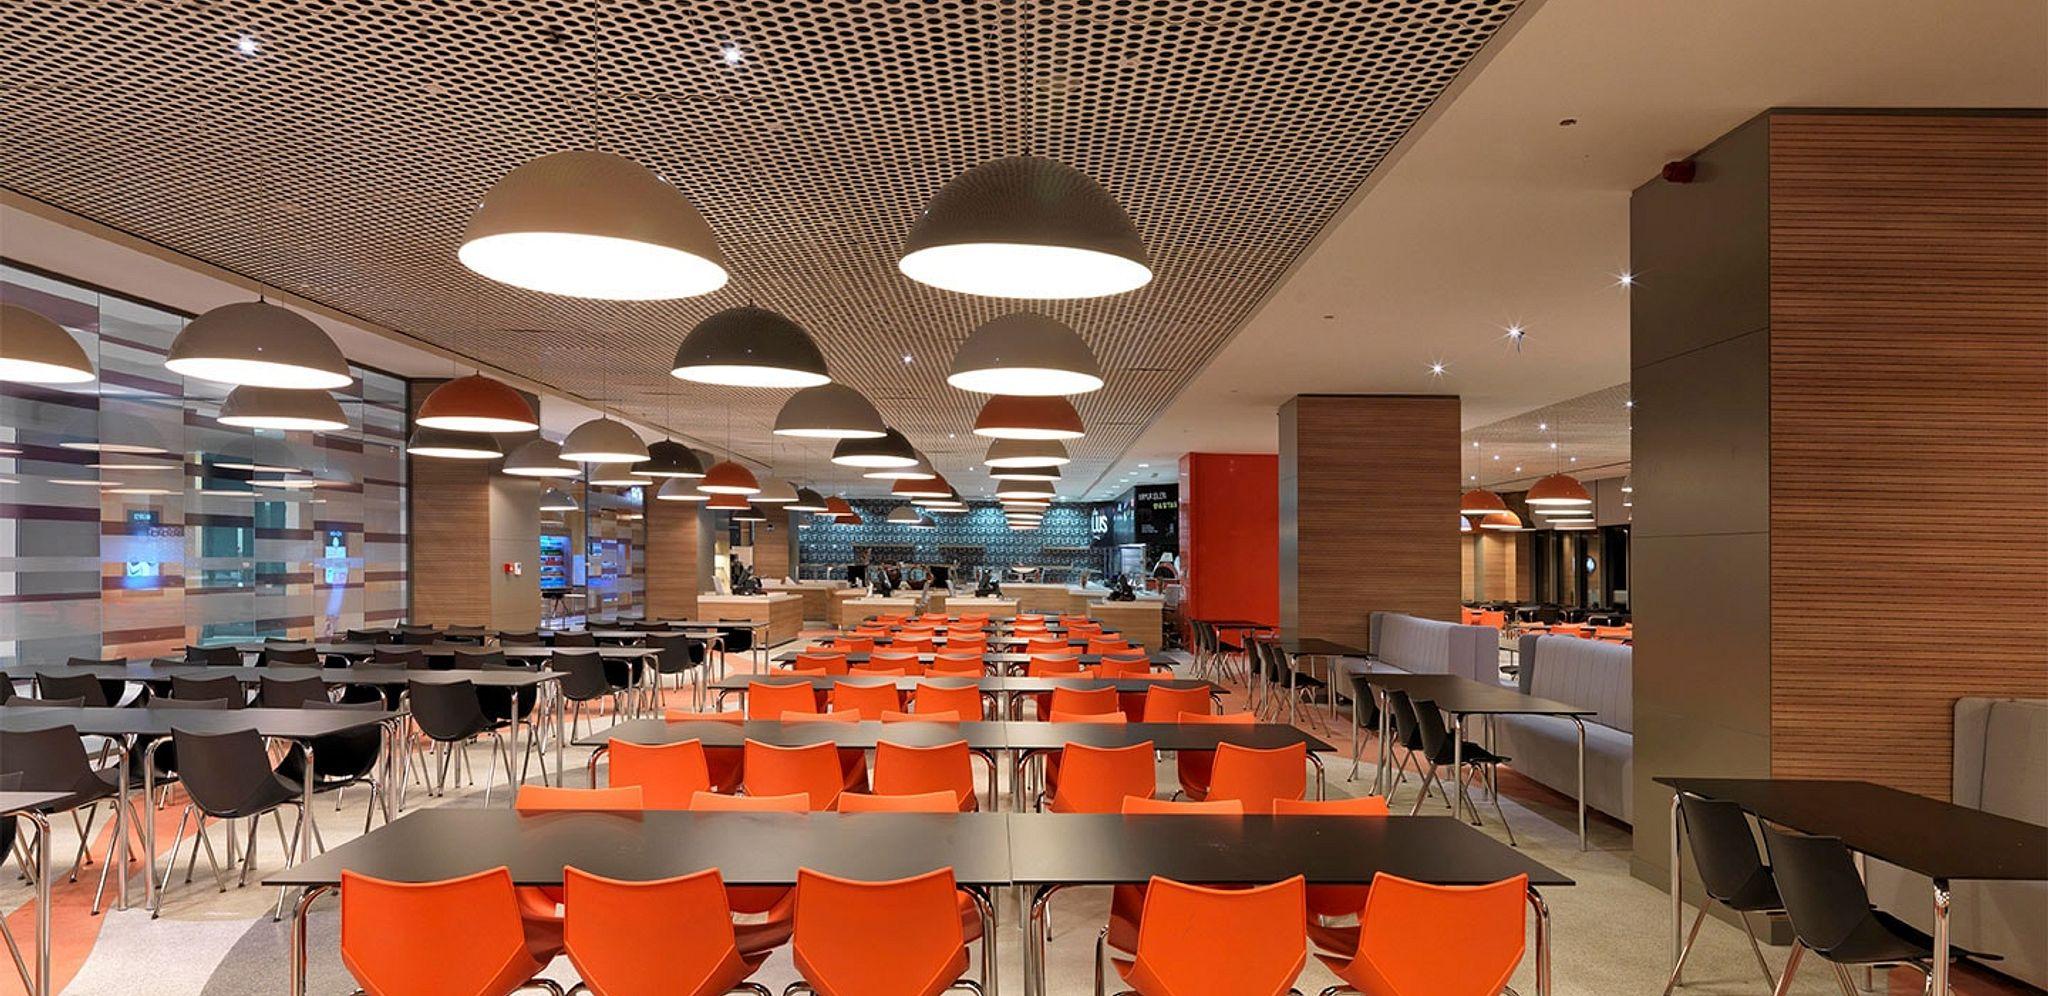 Acibadem University Large Header Image5